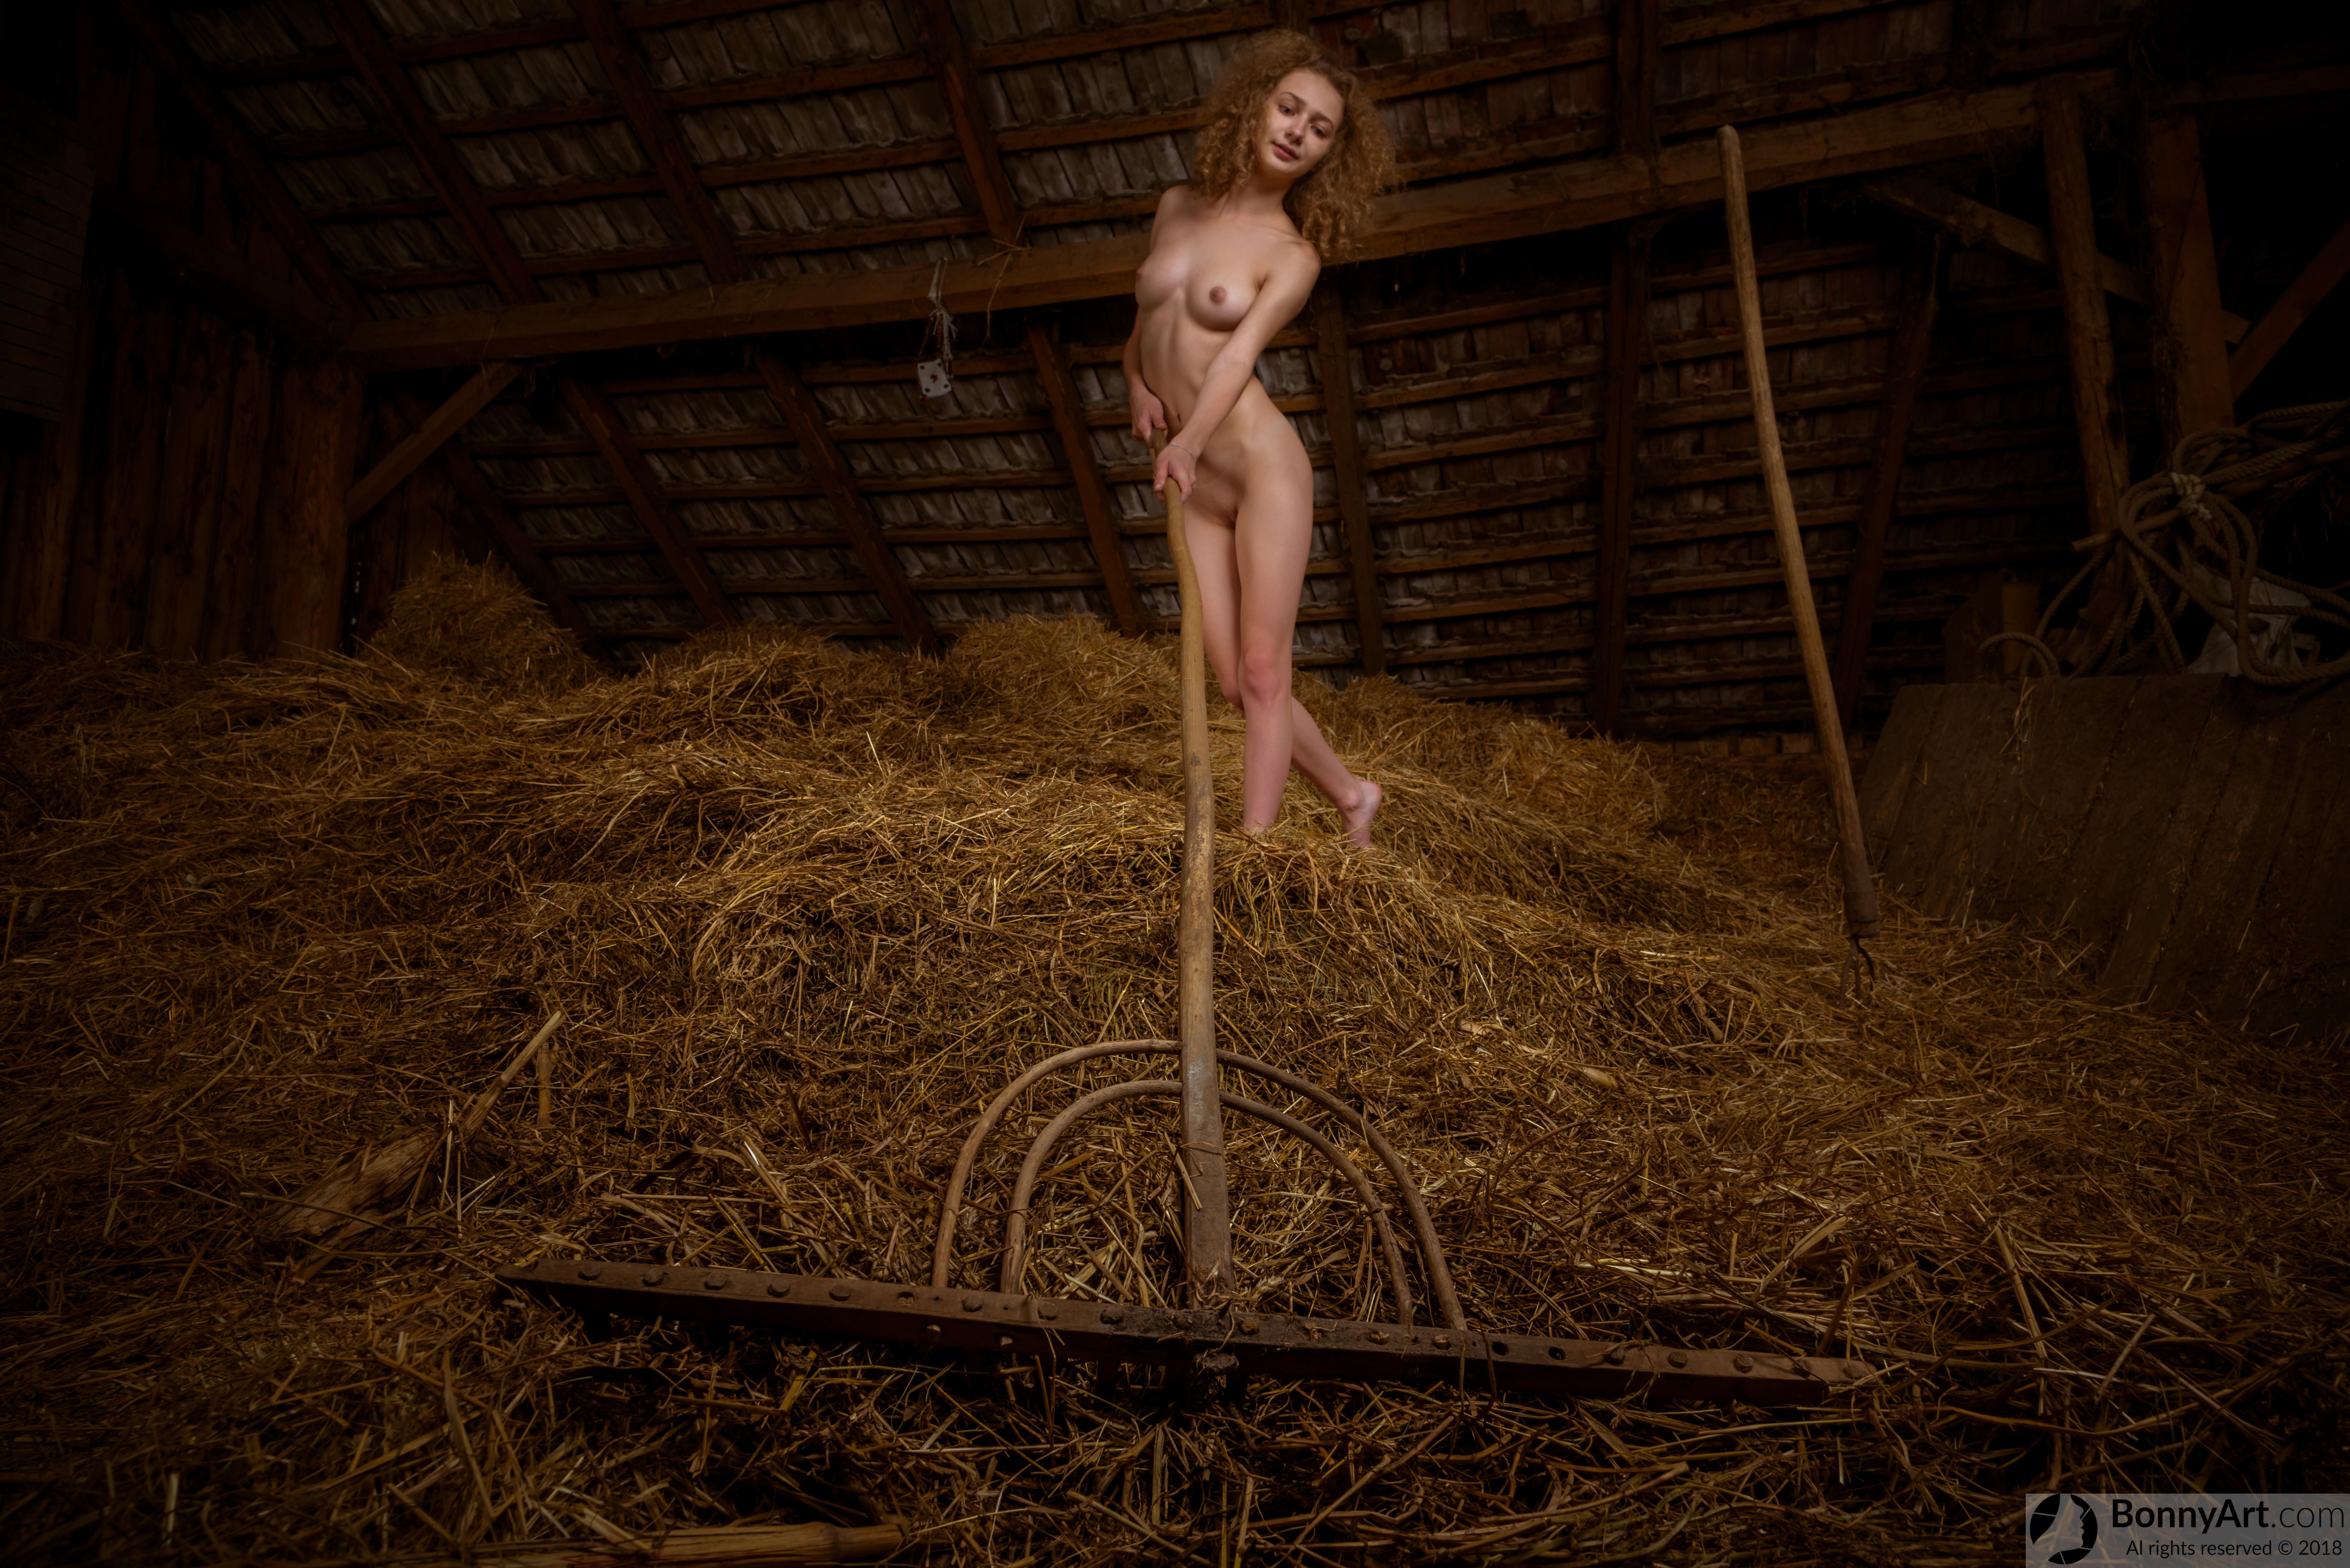 Nude Teen Girl Raking the Hay in the Barn HD